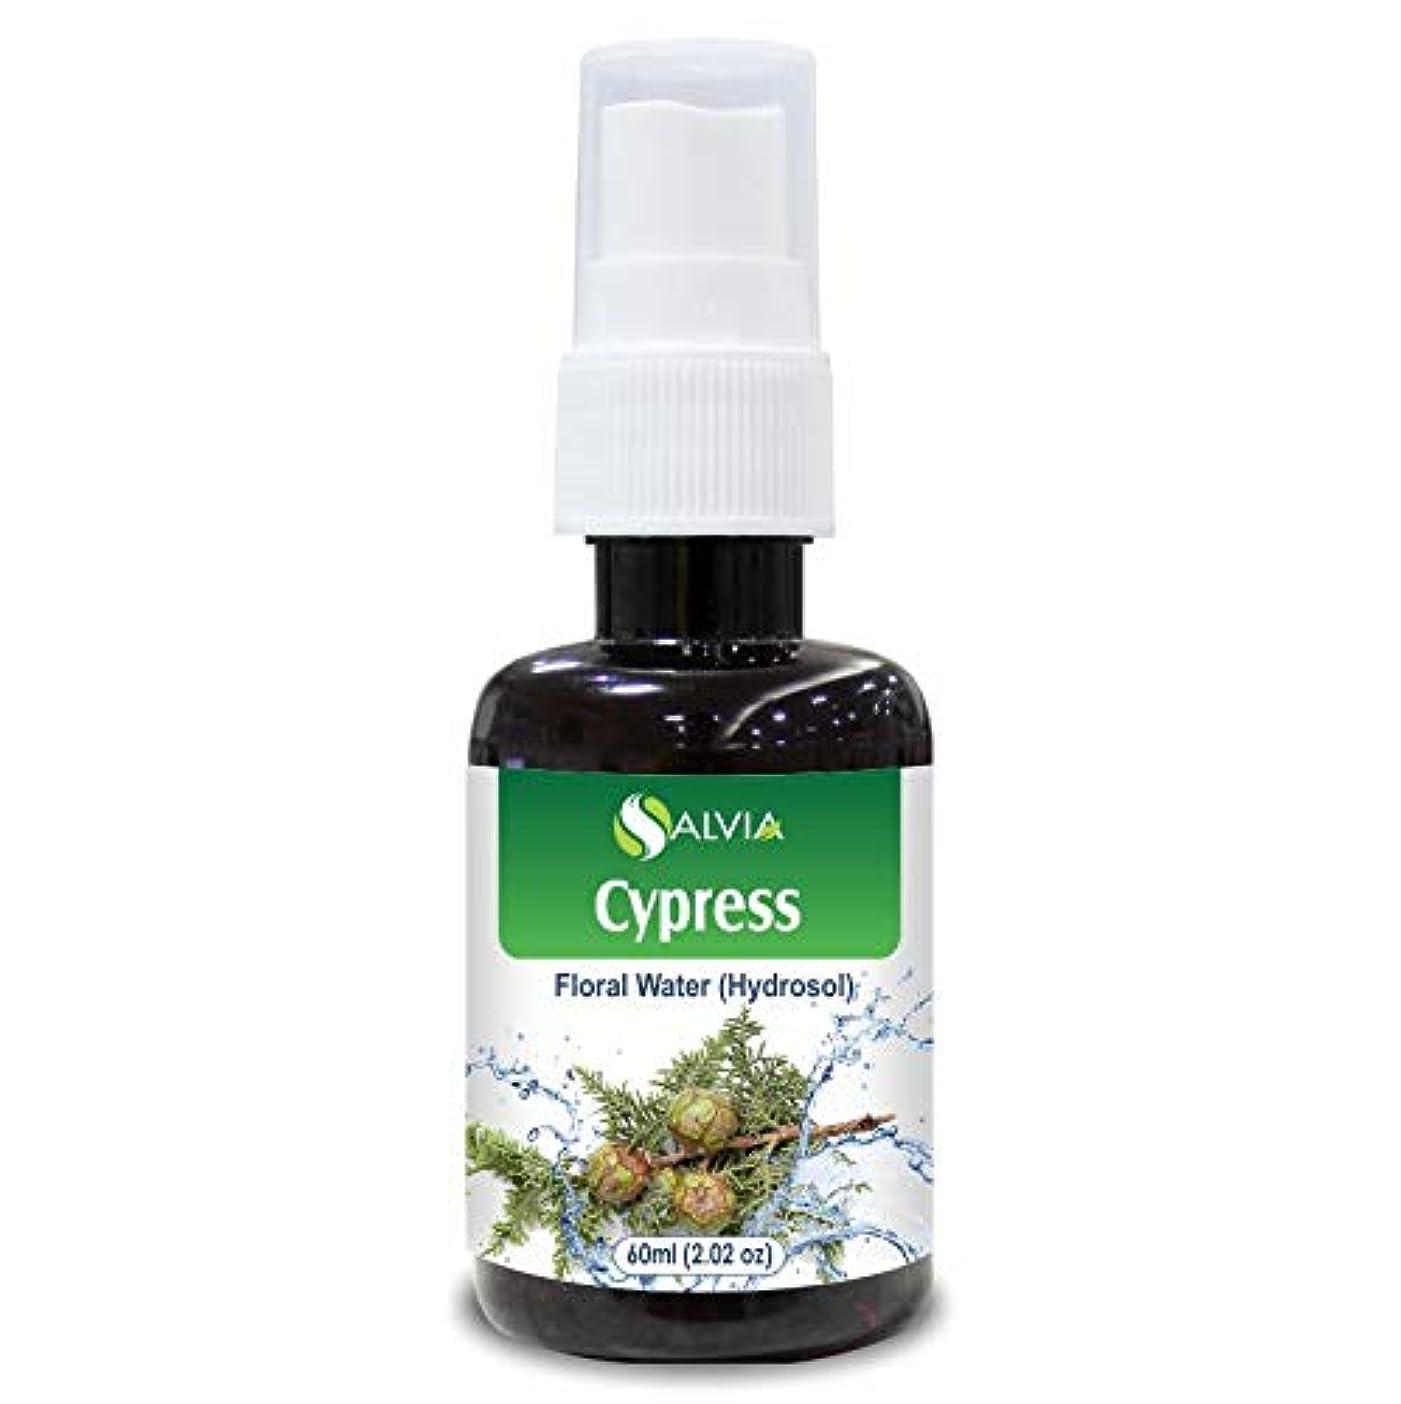 感性ブレース標準Cypress Floral Water 60ml (Hydrosol) 100% Pure And Natural